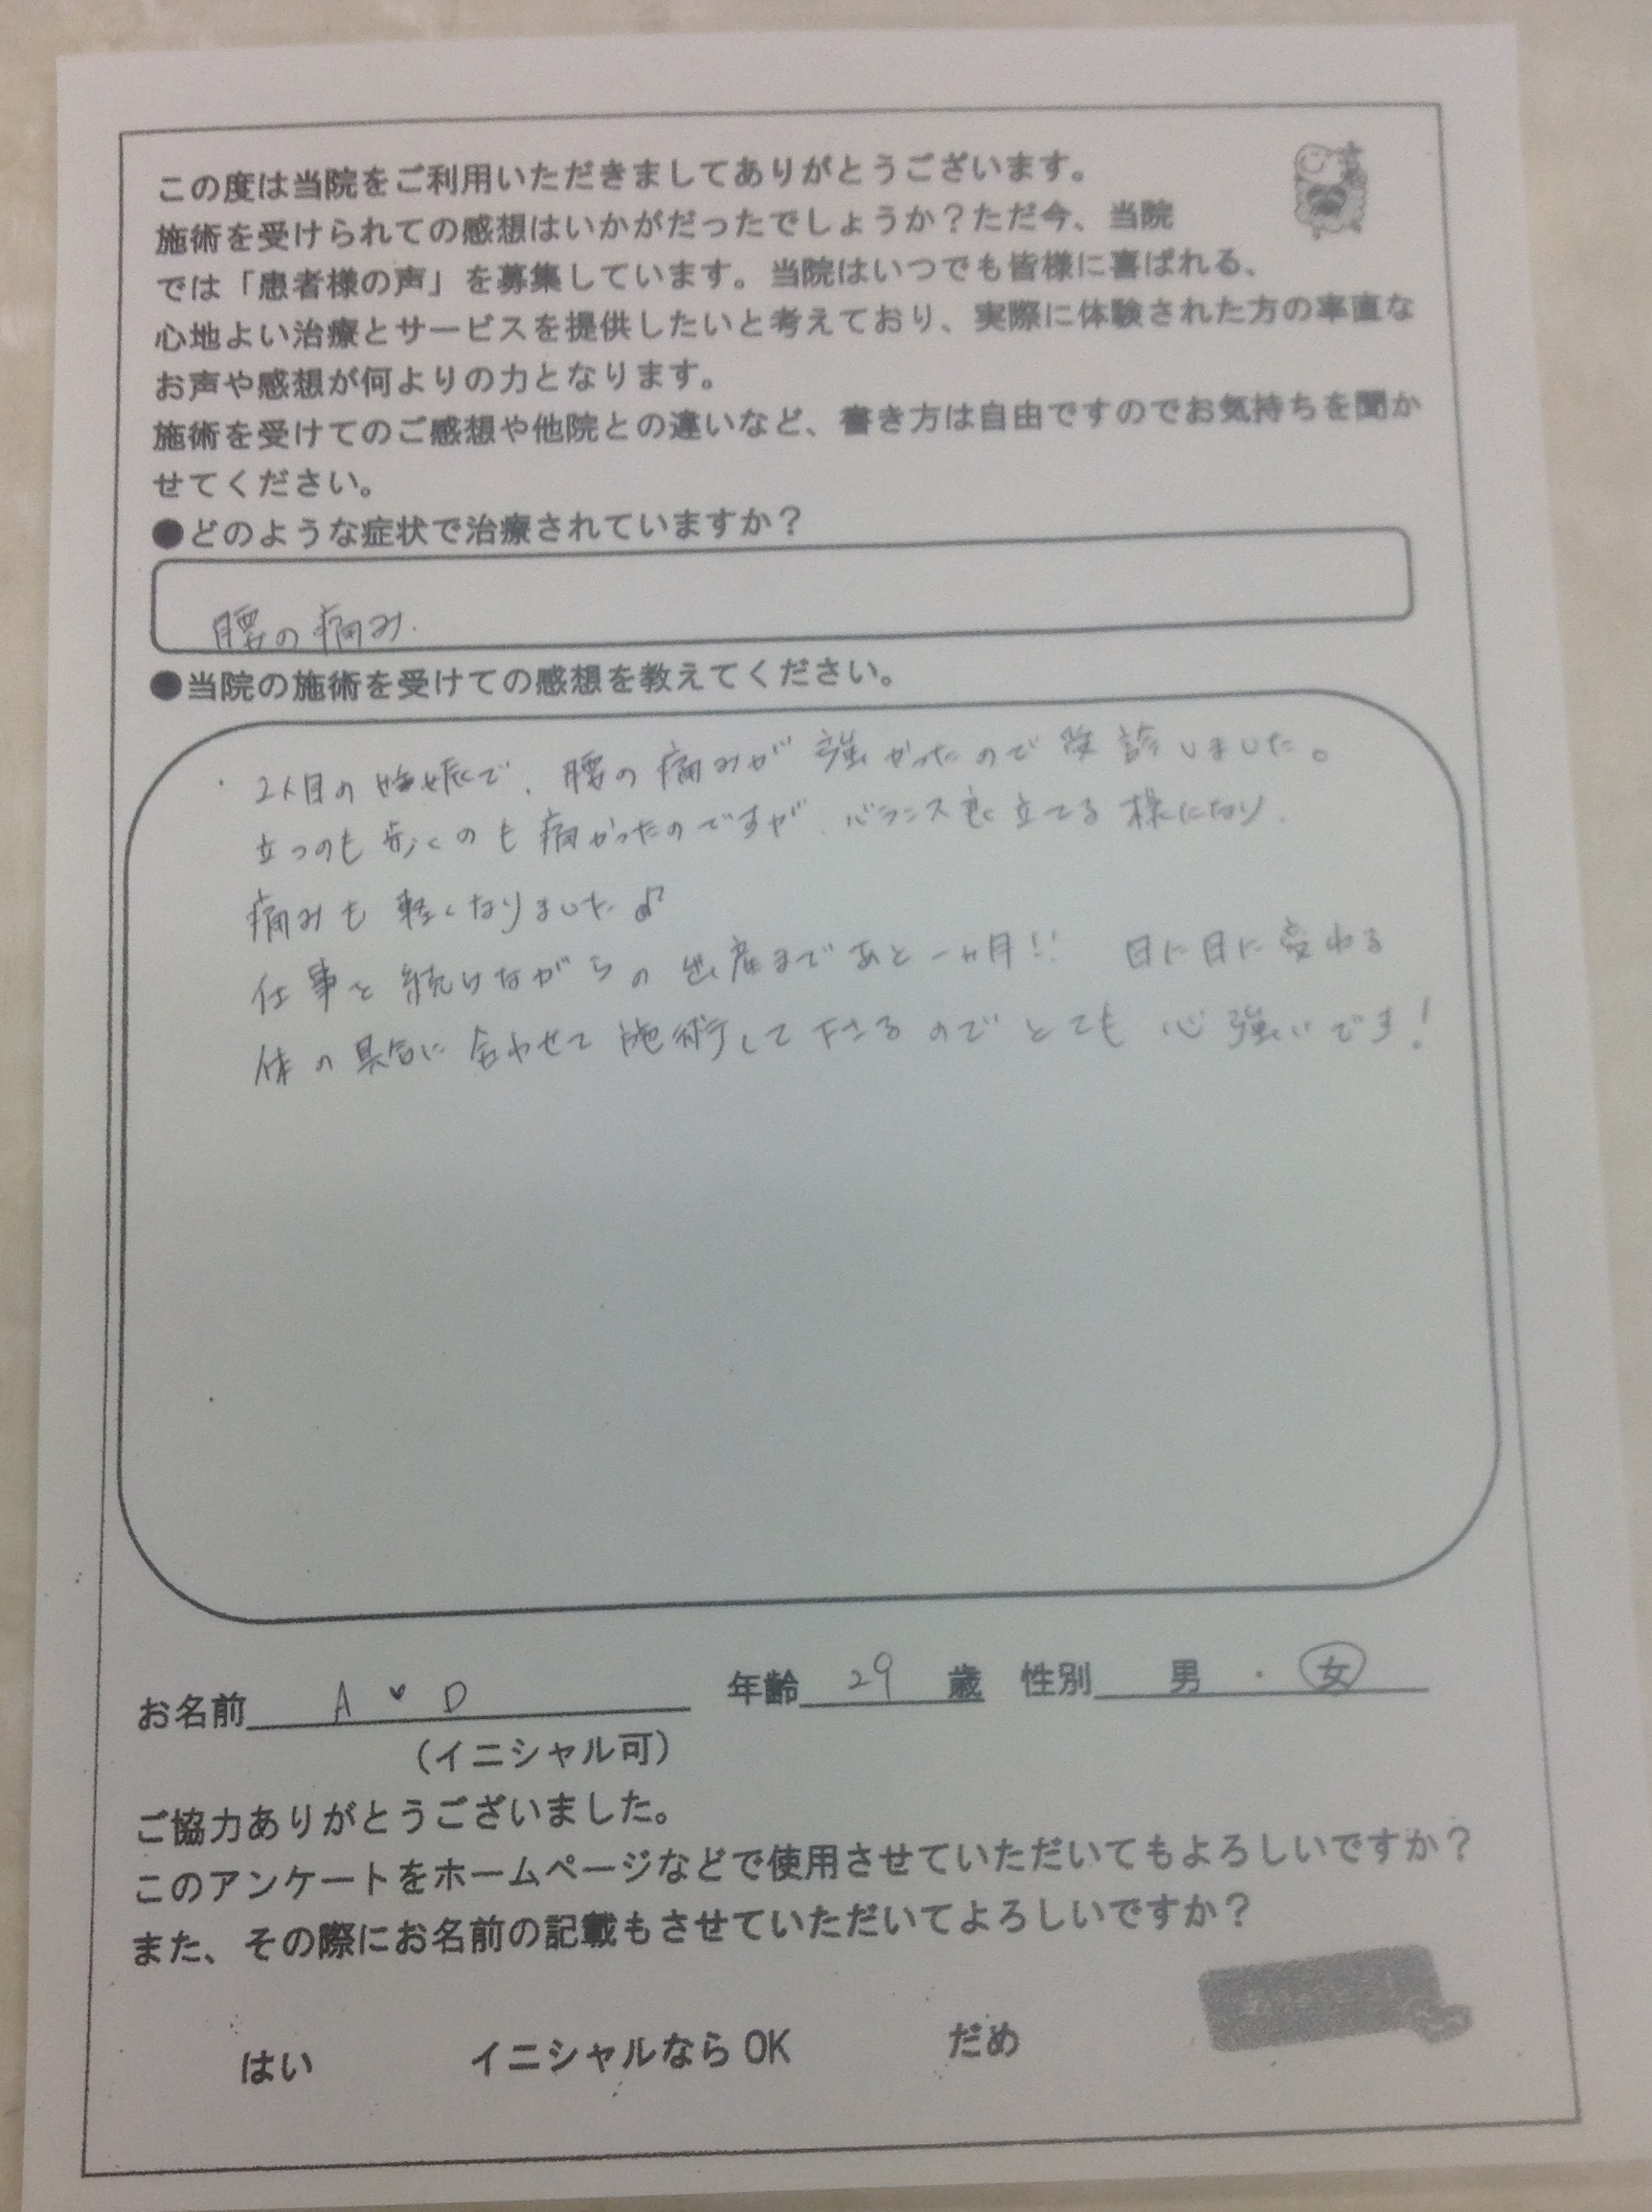 堂馬様コメント.JPG